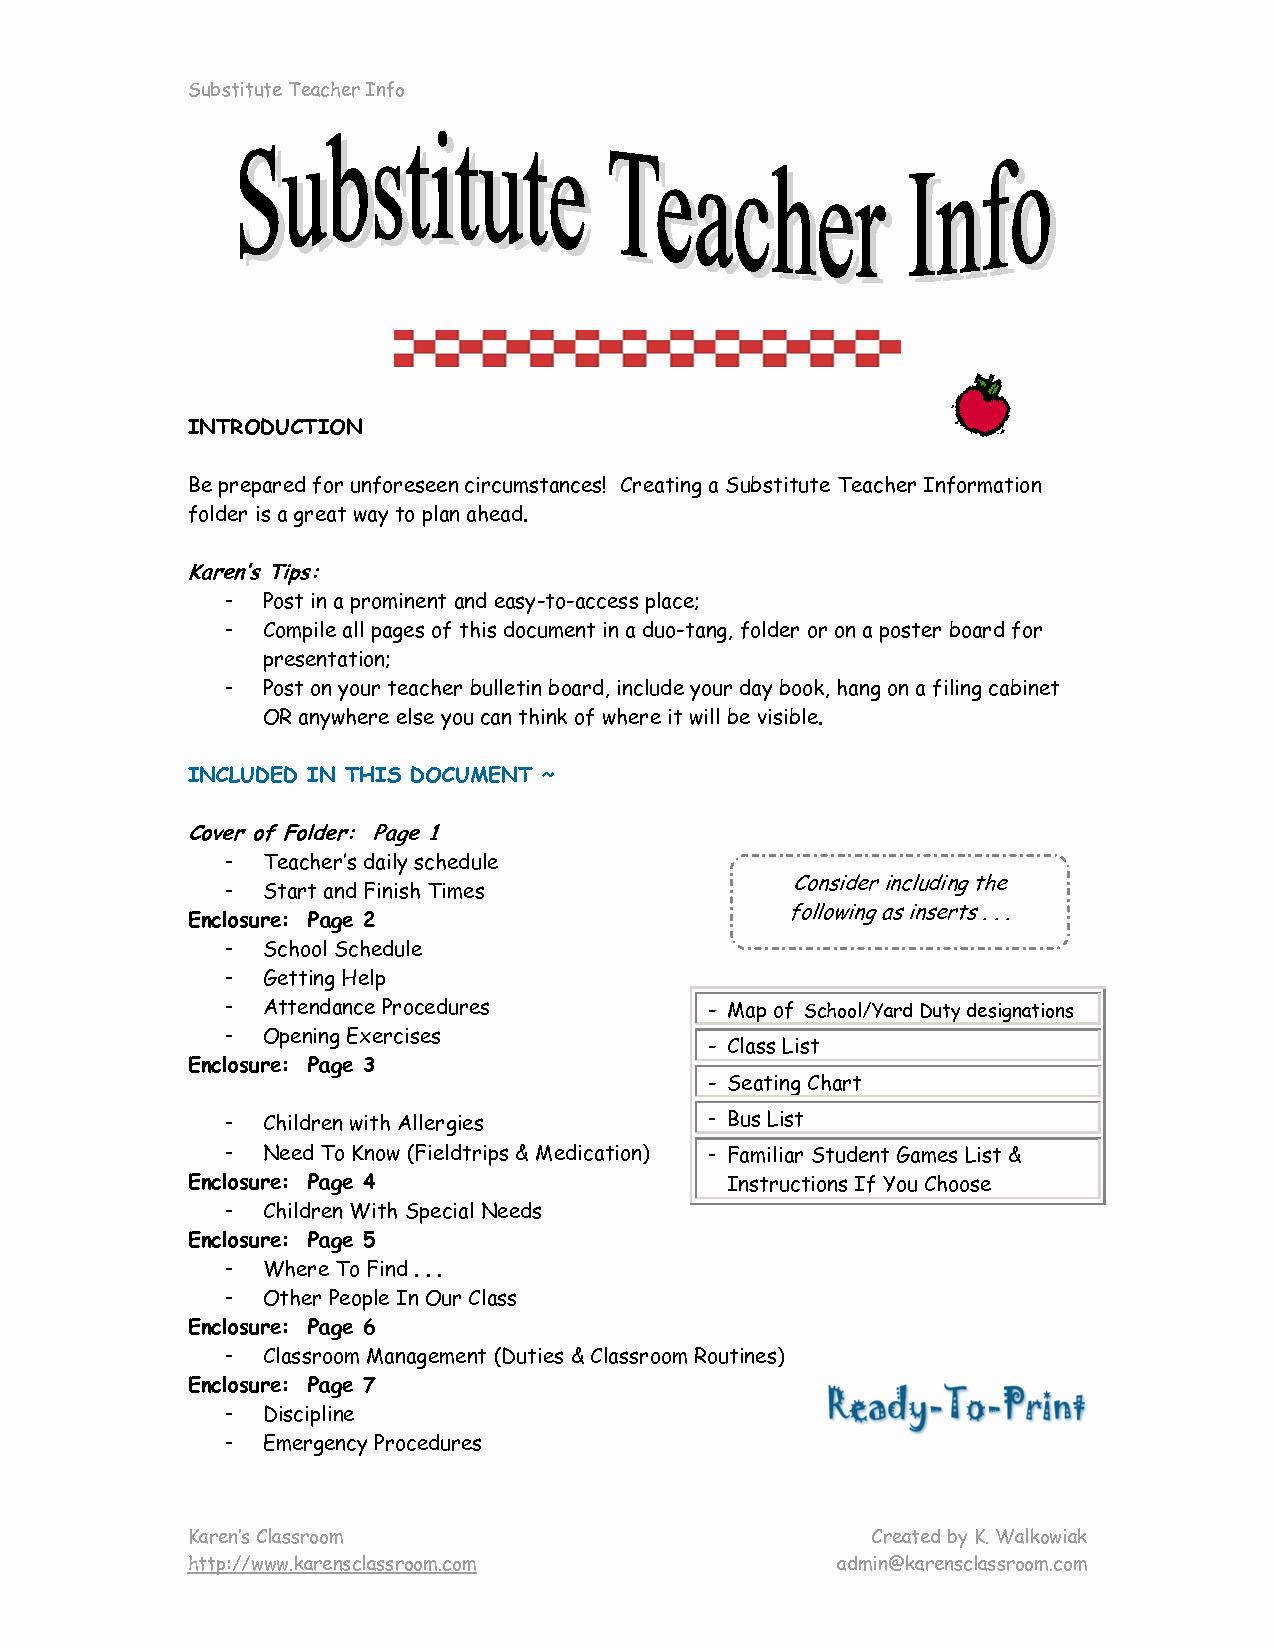 Substitute Teacher Cover Letter Examples Lovely Substitute Classroom Job & Free Substitute Classroom Job Transparent Pngio